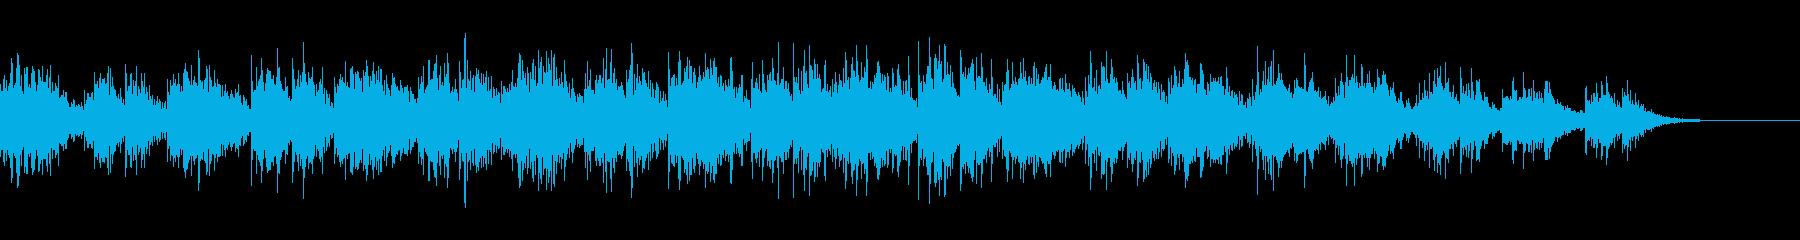 多くの企業の状況での理想的な音楽(...の再生済みの波形